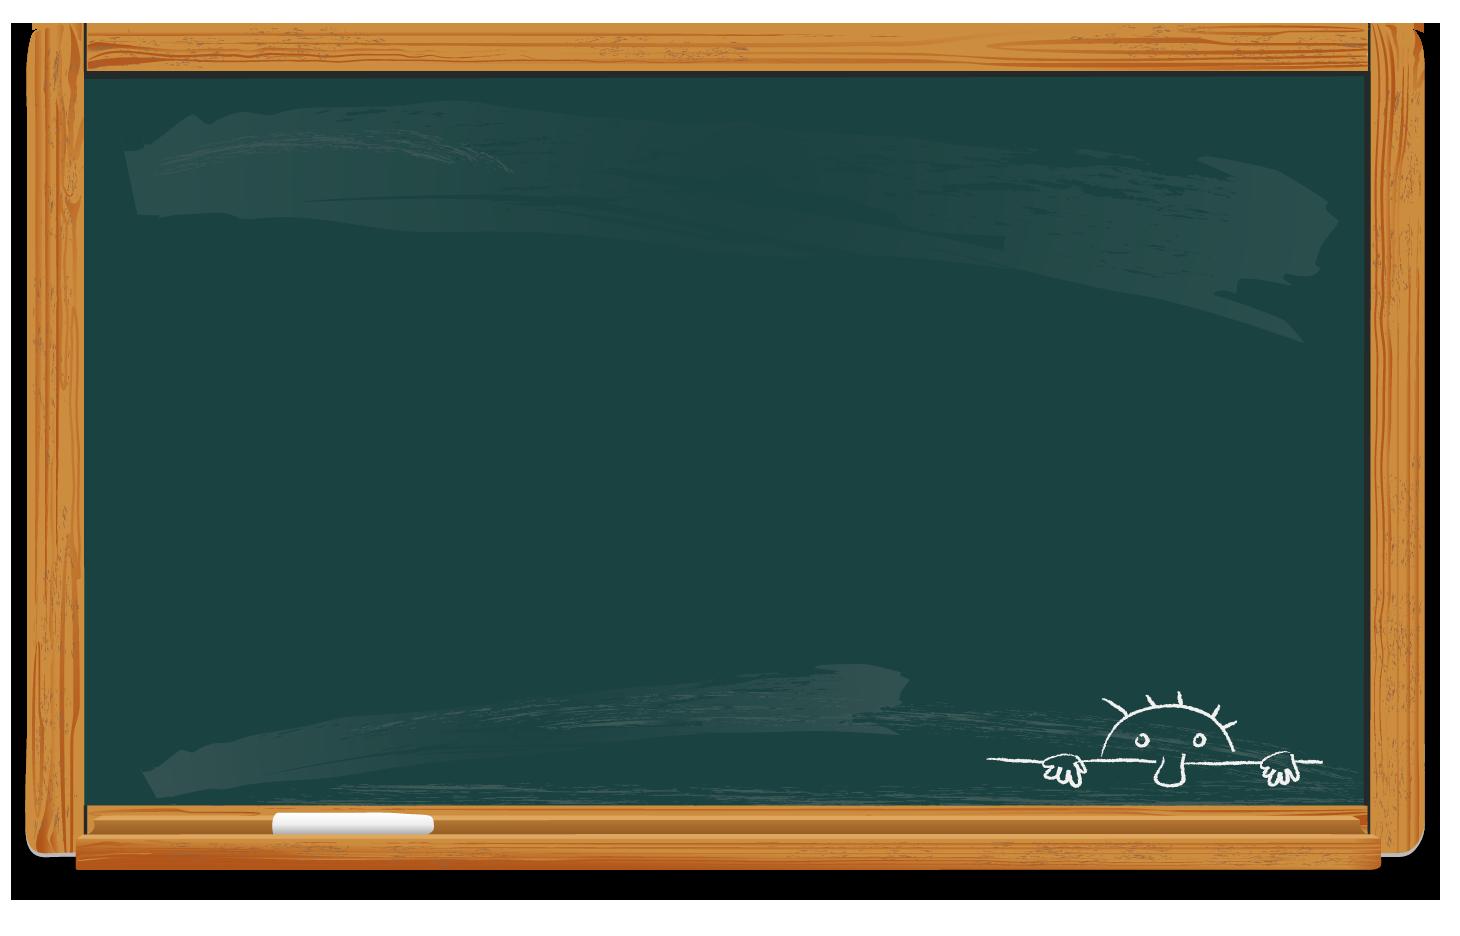 Blackboard clipart long Back Pocket press Blackboard Blackboard